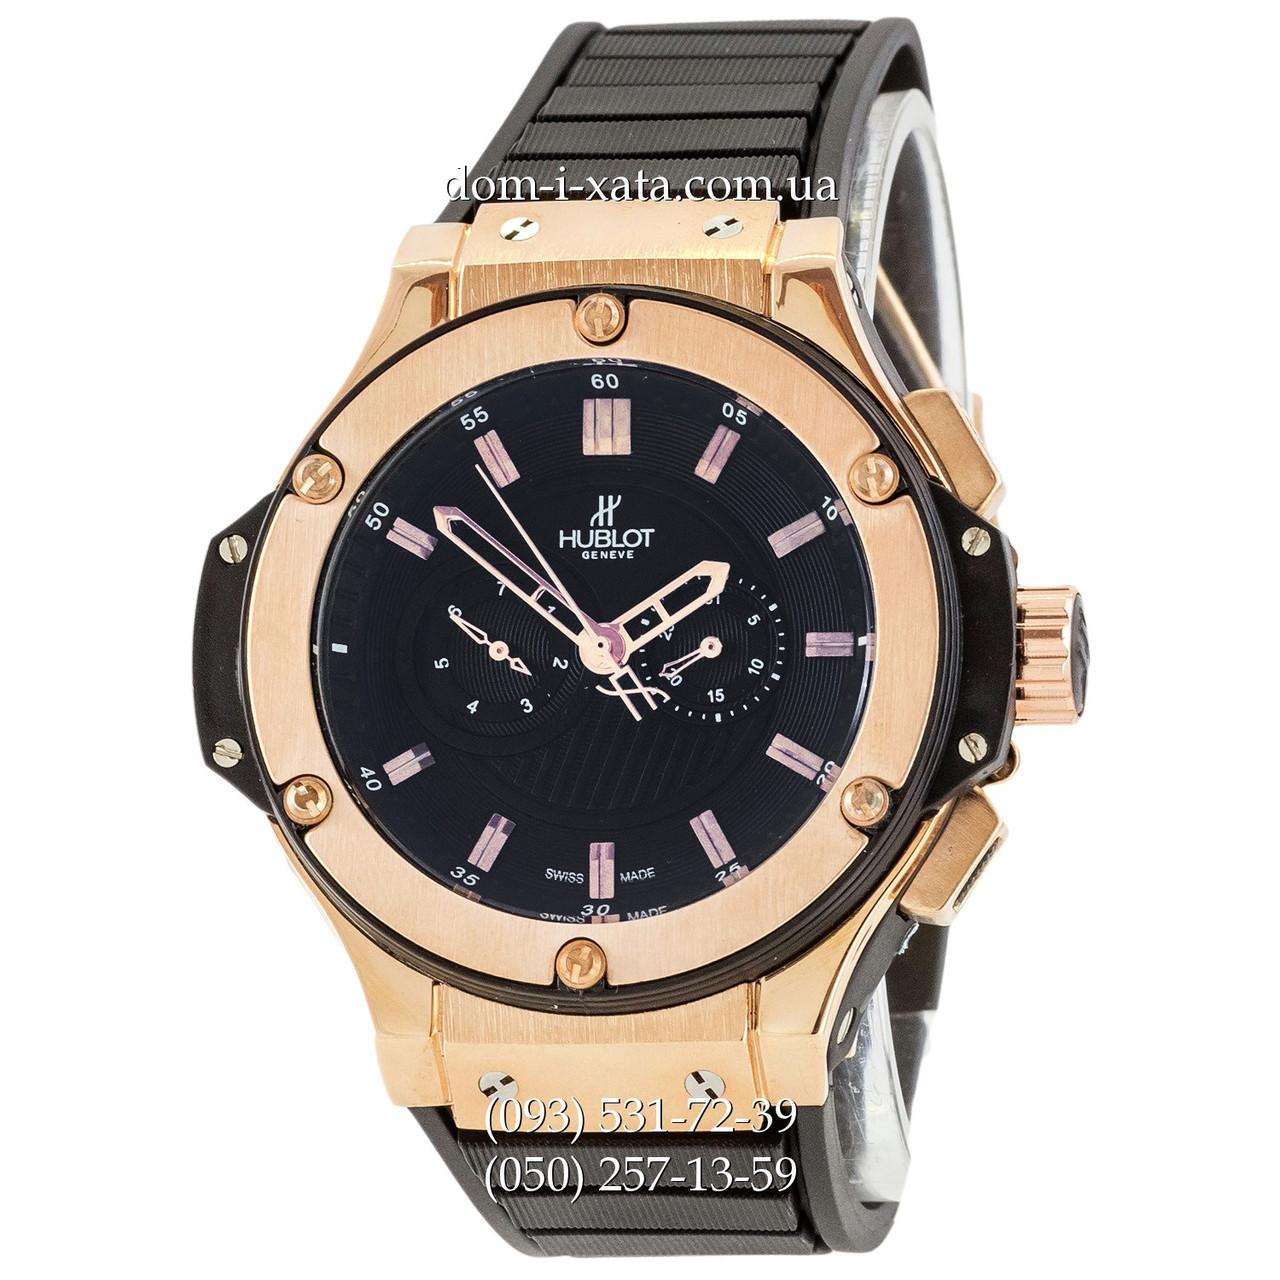 298ff62b1a04 Мужские наручные часы Hublot King Power Automatic Black-Gold-Black,  механические часы с